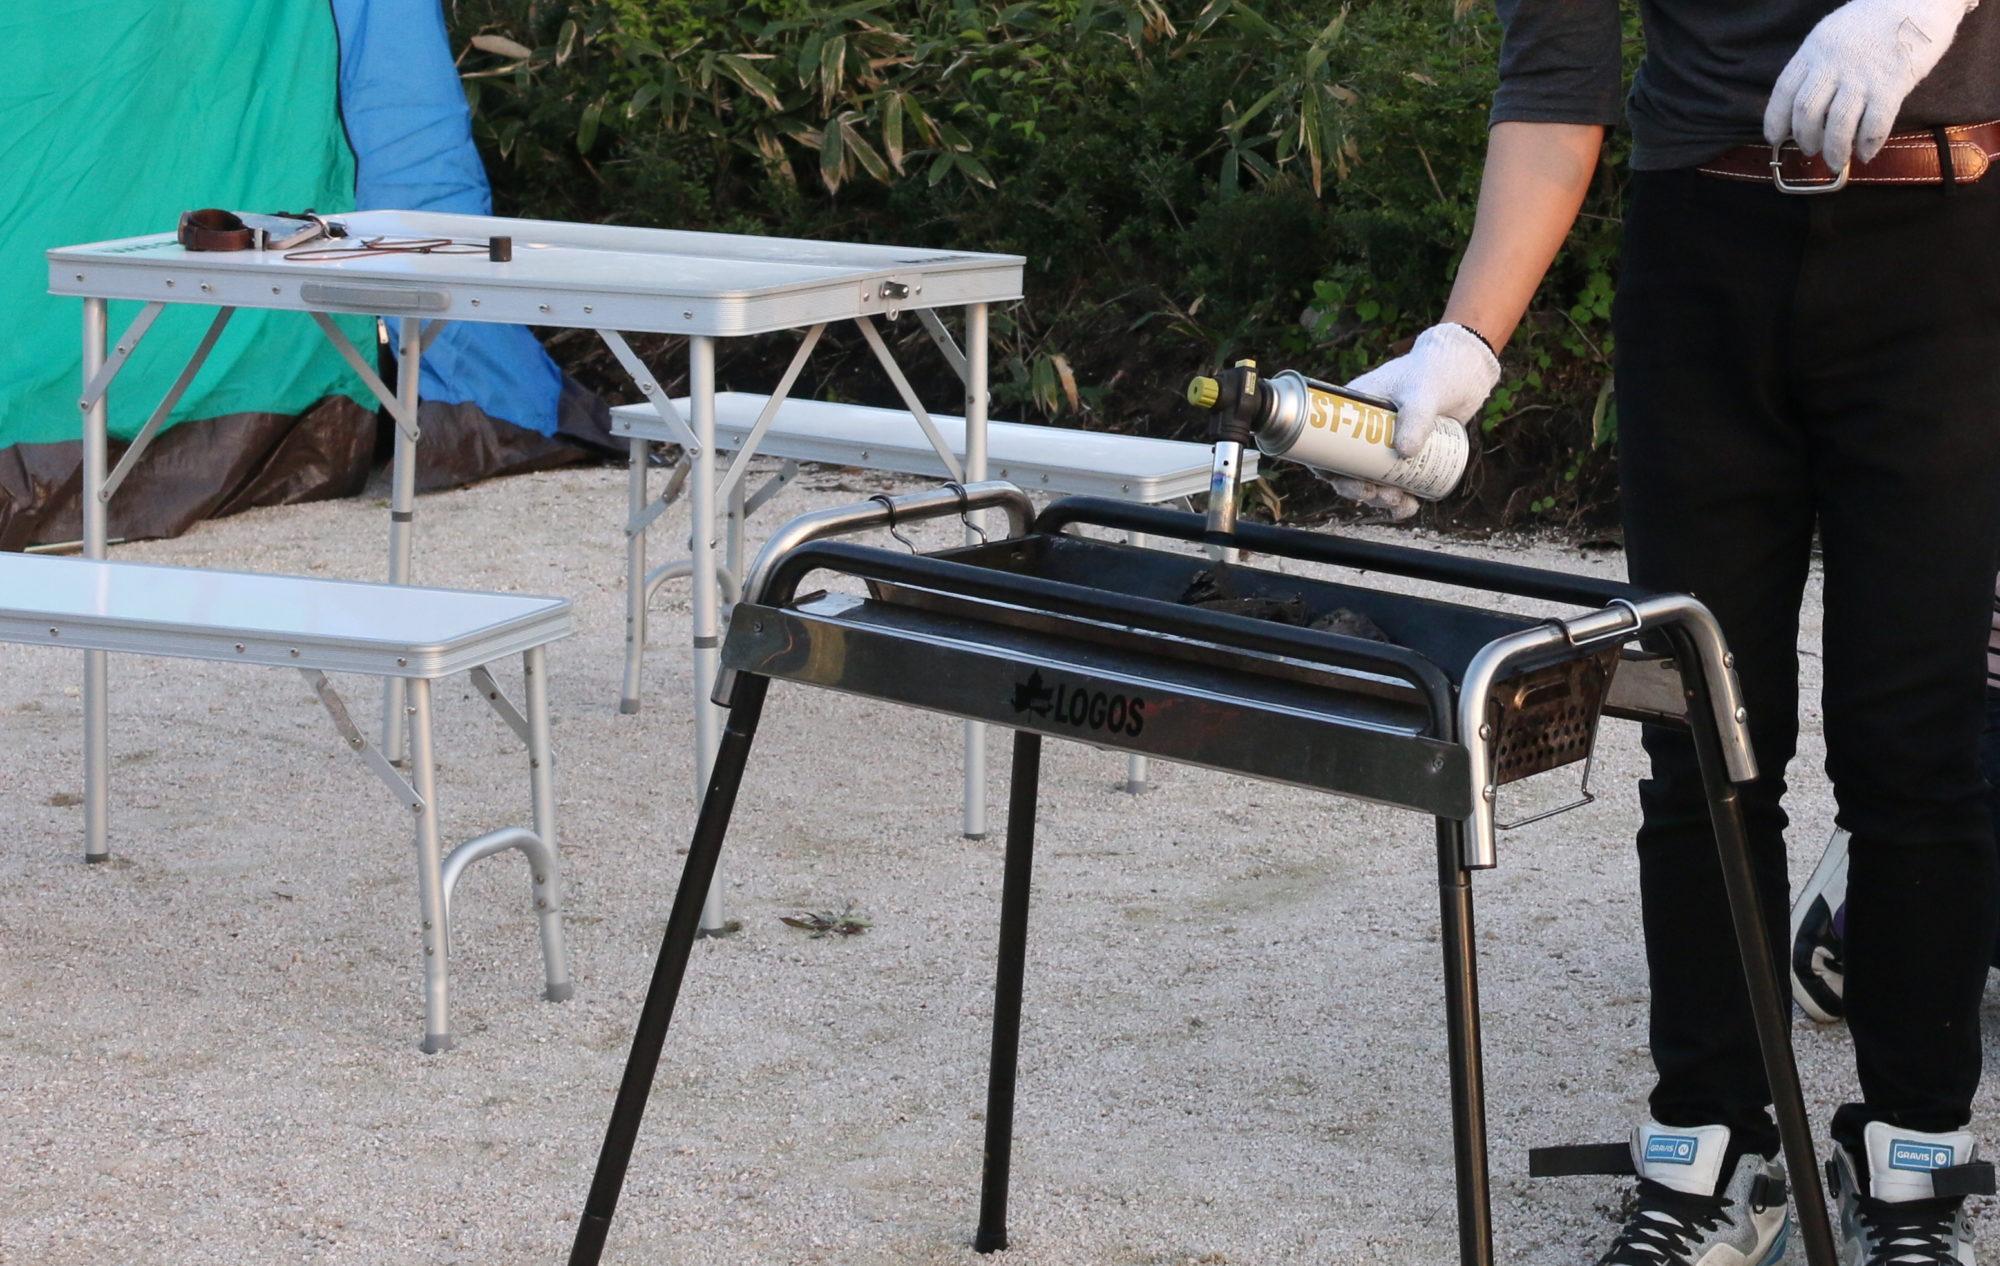 大山オートキャンプ場で、バーベキュー&テントを張って寝る〜ゴールデンウィークに1泊2日の大阪からの弾丸ツアー〜